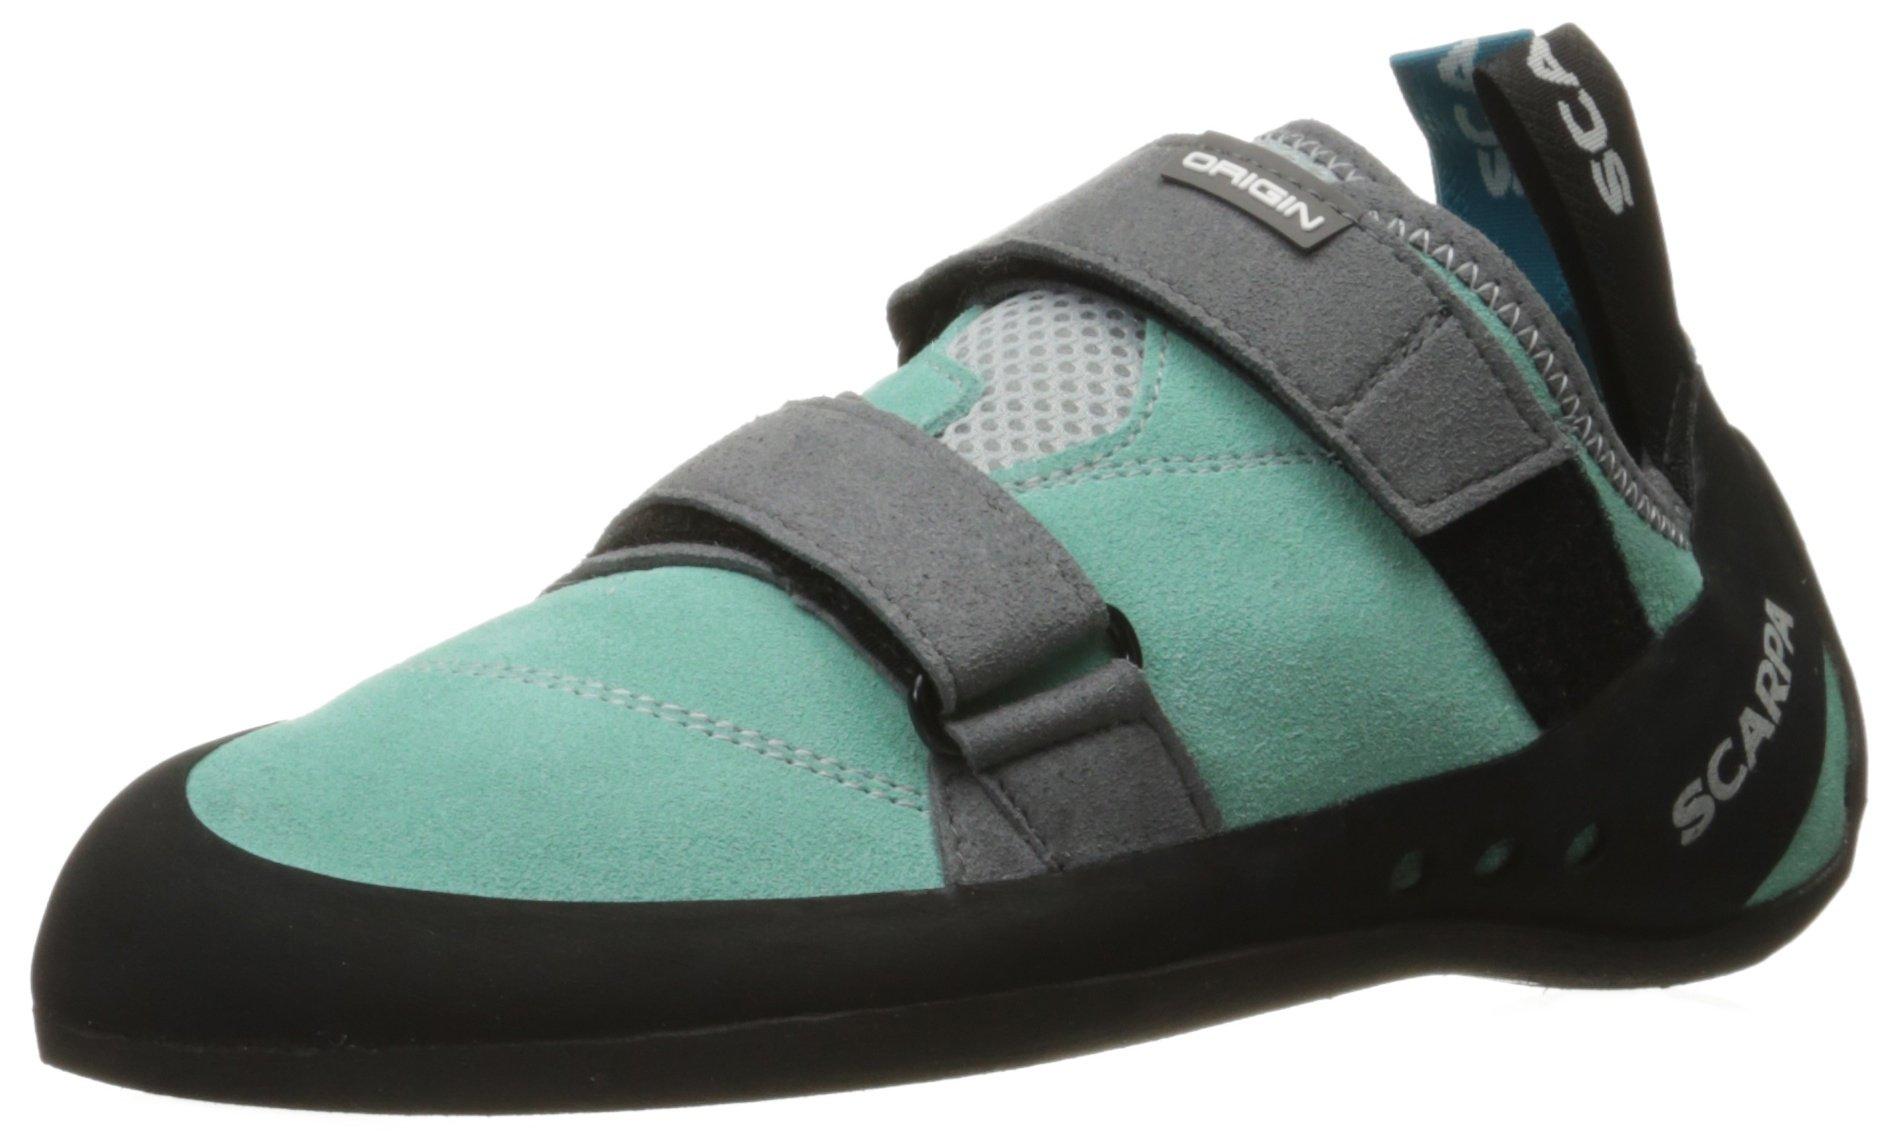 SCARPA Women's Origin WMN Climbing Shoe, Green Blue/Smoke, 37 EU/6 M US by SCARPA